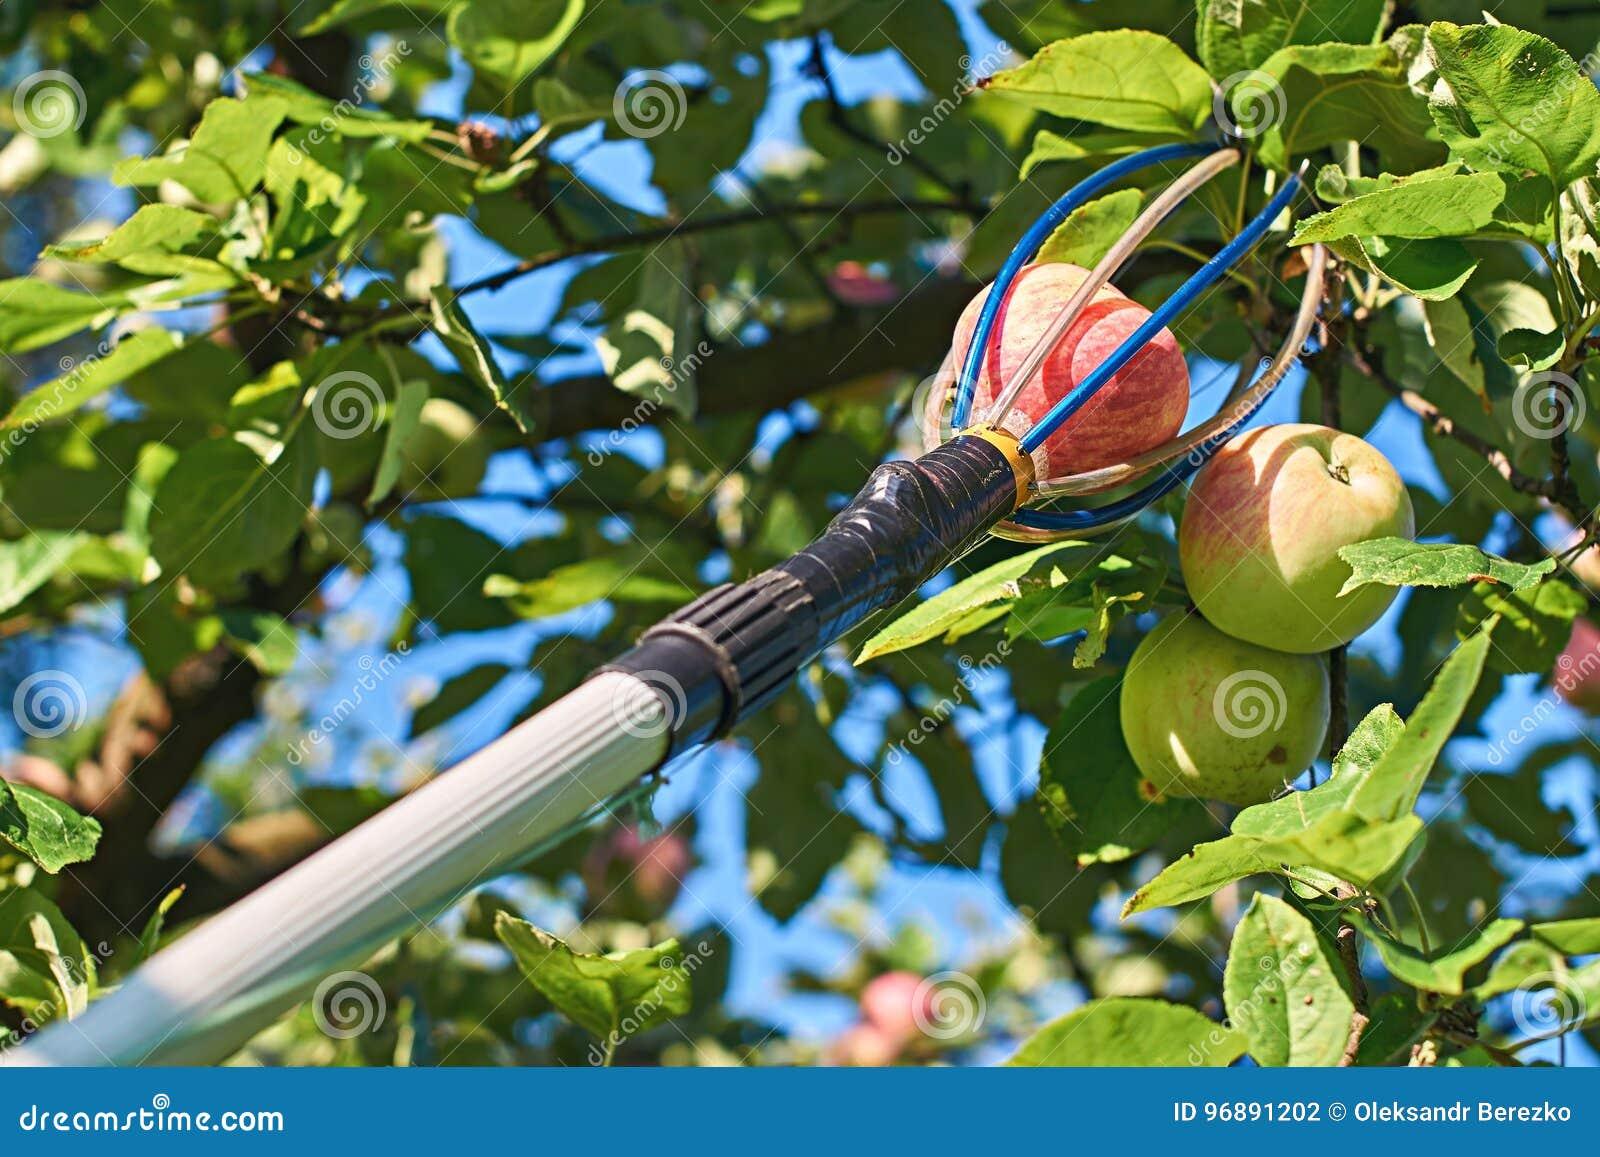 Ferramenta da colheita do fruto com um polo da extensão